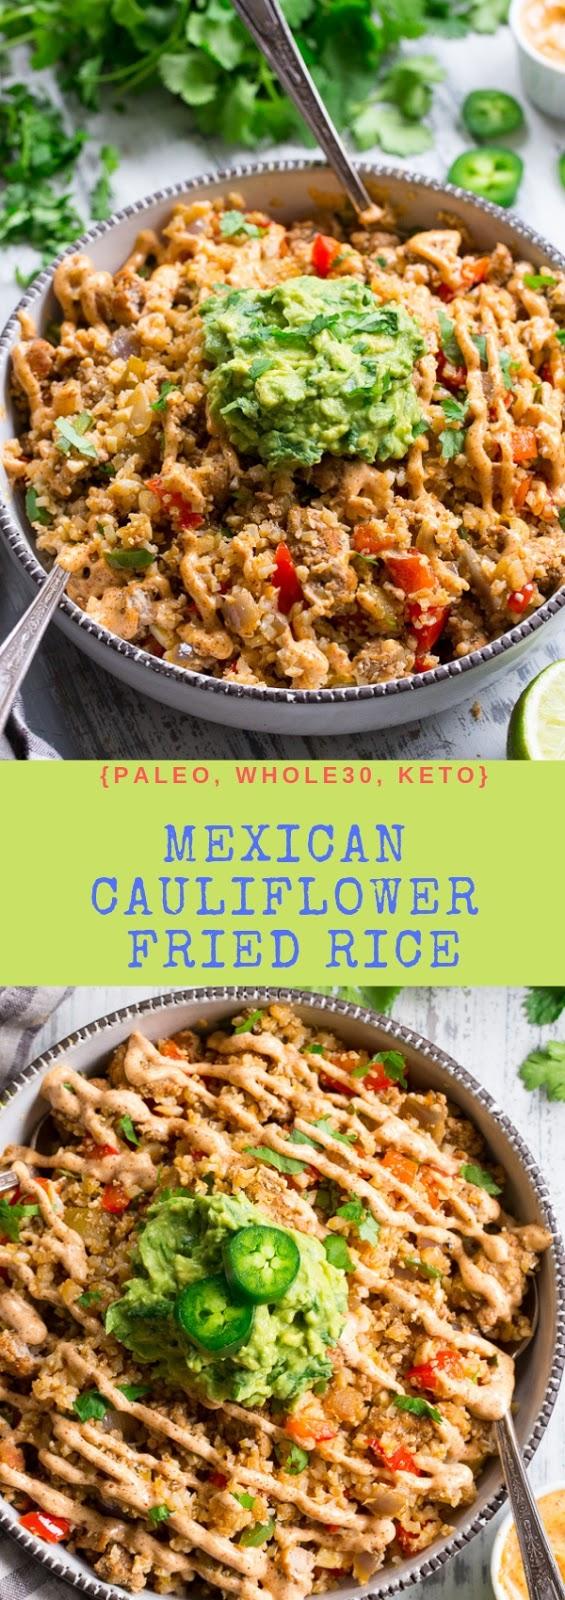 Mexican Cauliflower Fried Rice {Paleo, Whole30, Keto} #maincourse #dinner #mexican #cauliflower #fried #rice #paleo #whole30 #keto